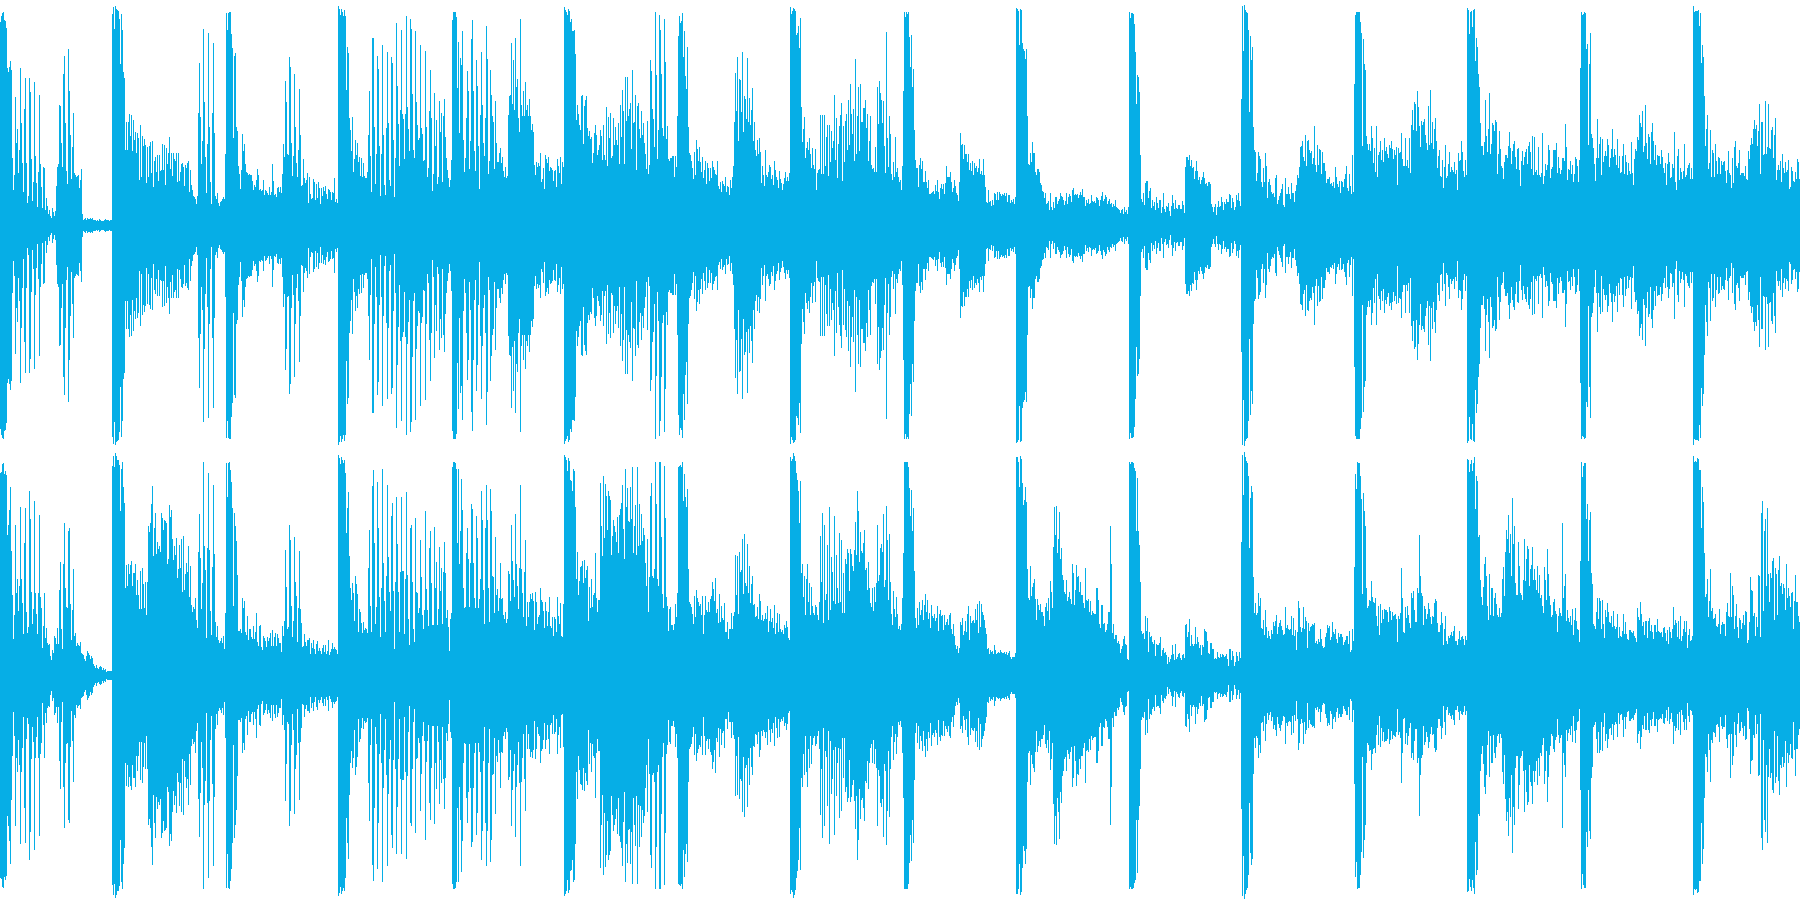 企画説明/ギターカット/ポップ/BGMの再生済みの波形